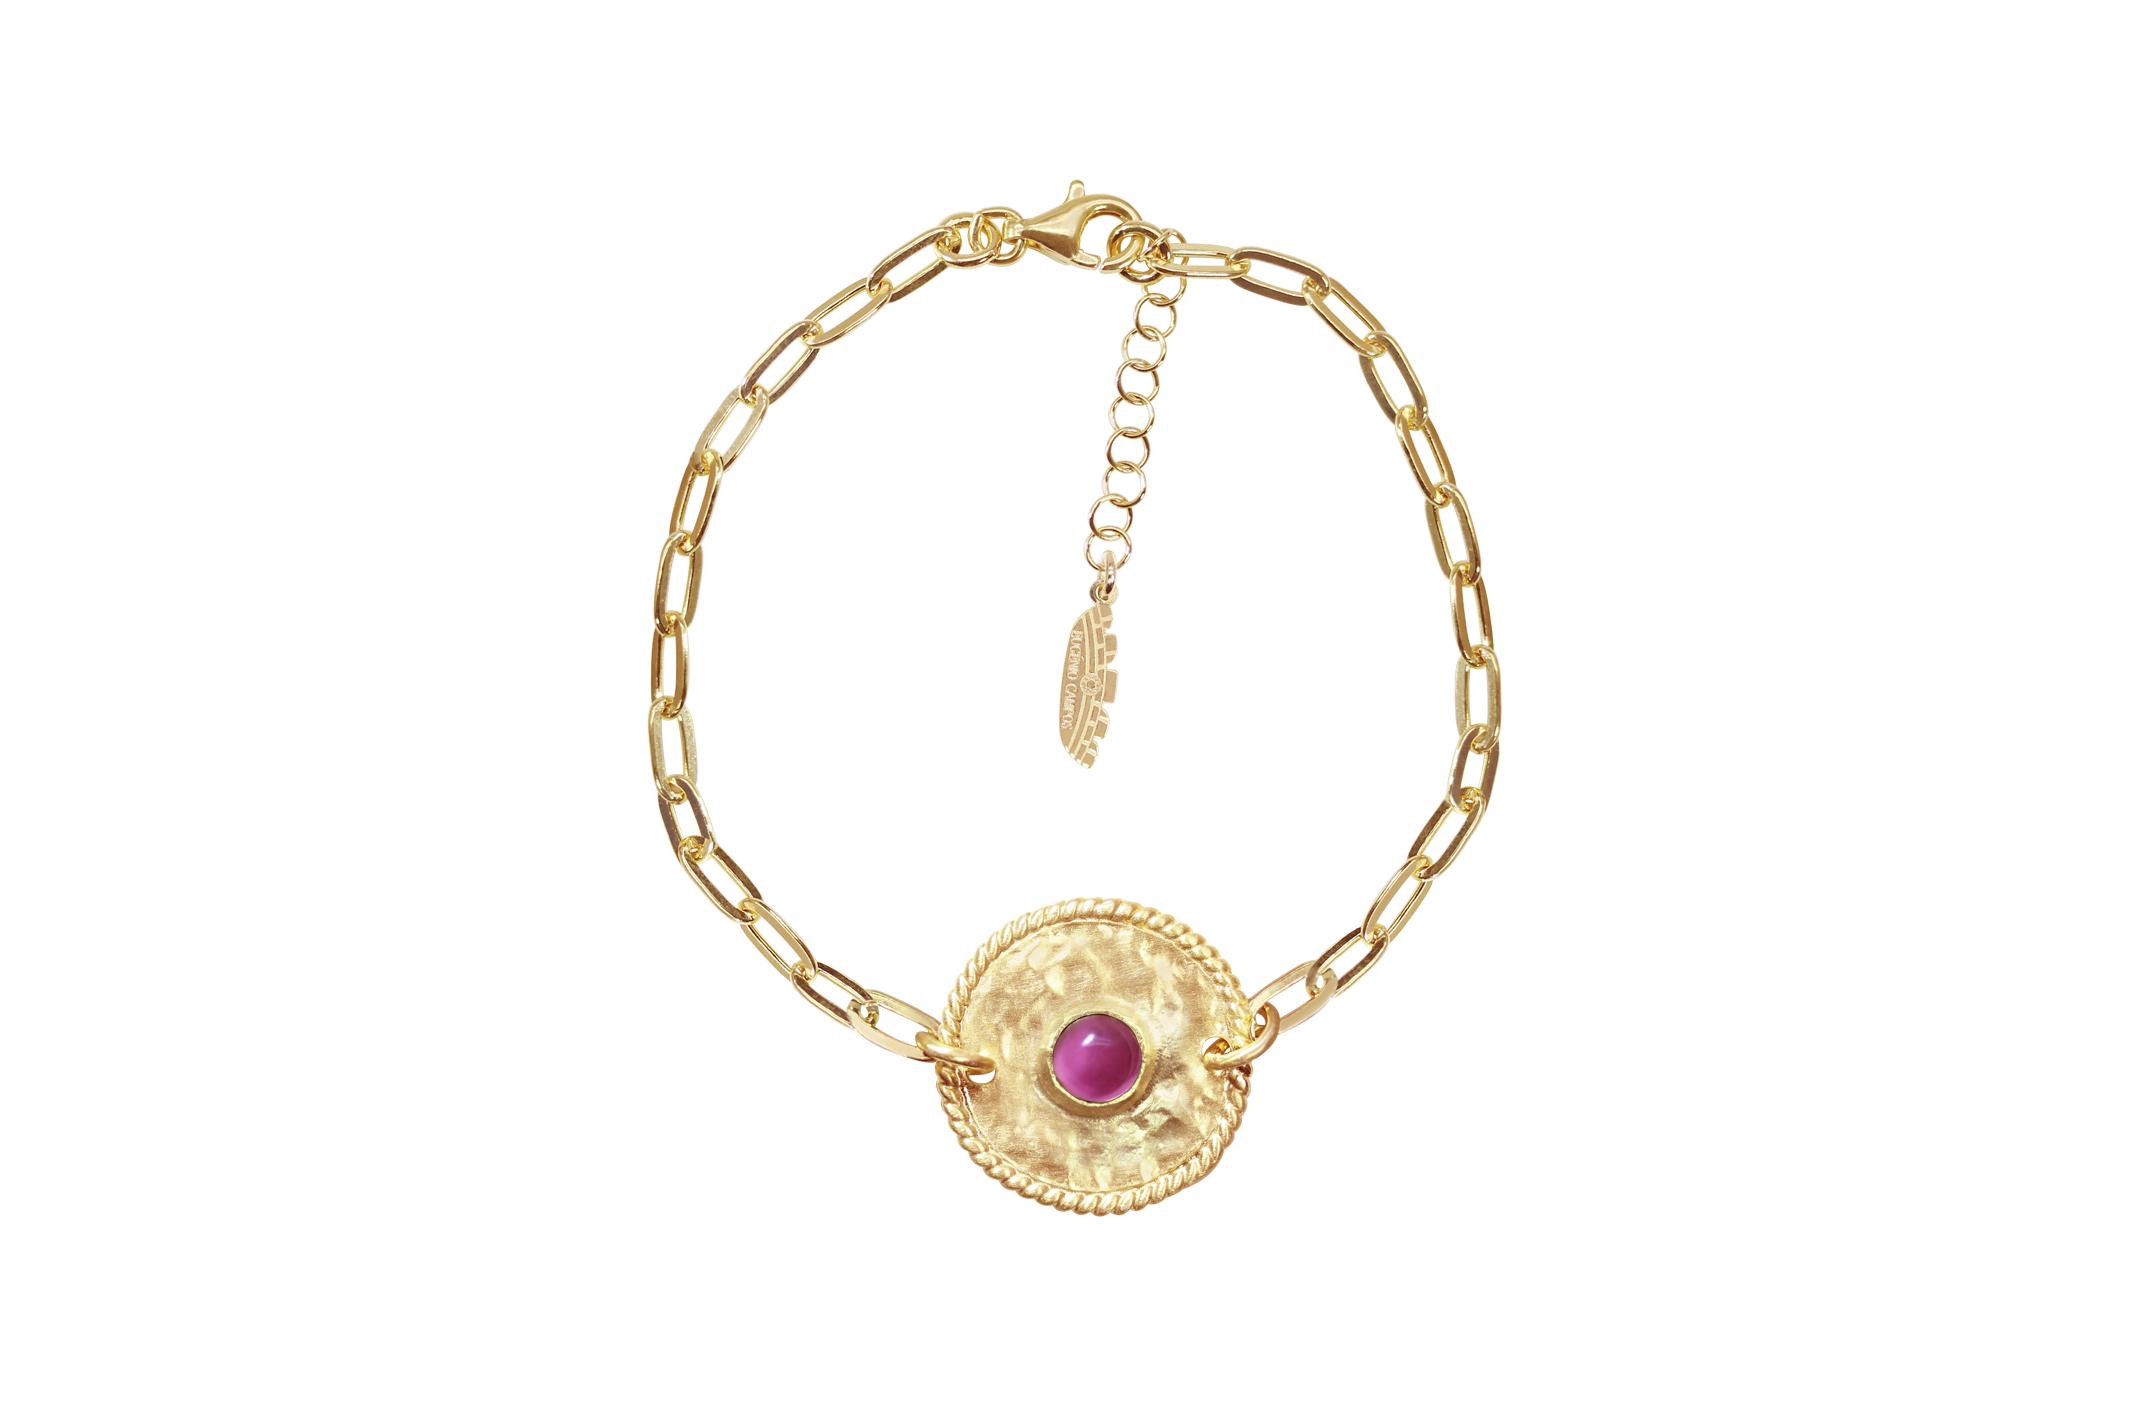 Joia: pulseira;Material: prata 925;Peso: 5.90 gr;Pedras: quartzo;Cor: amarelo;Medida Fio: cm;Medida Pendente:  cm;Género: mulher